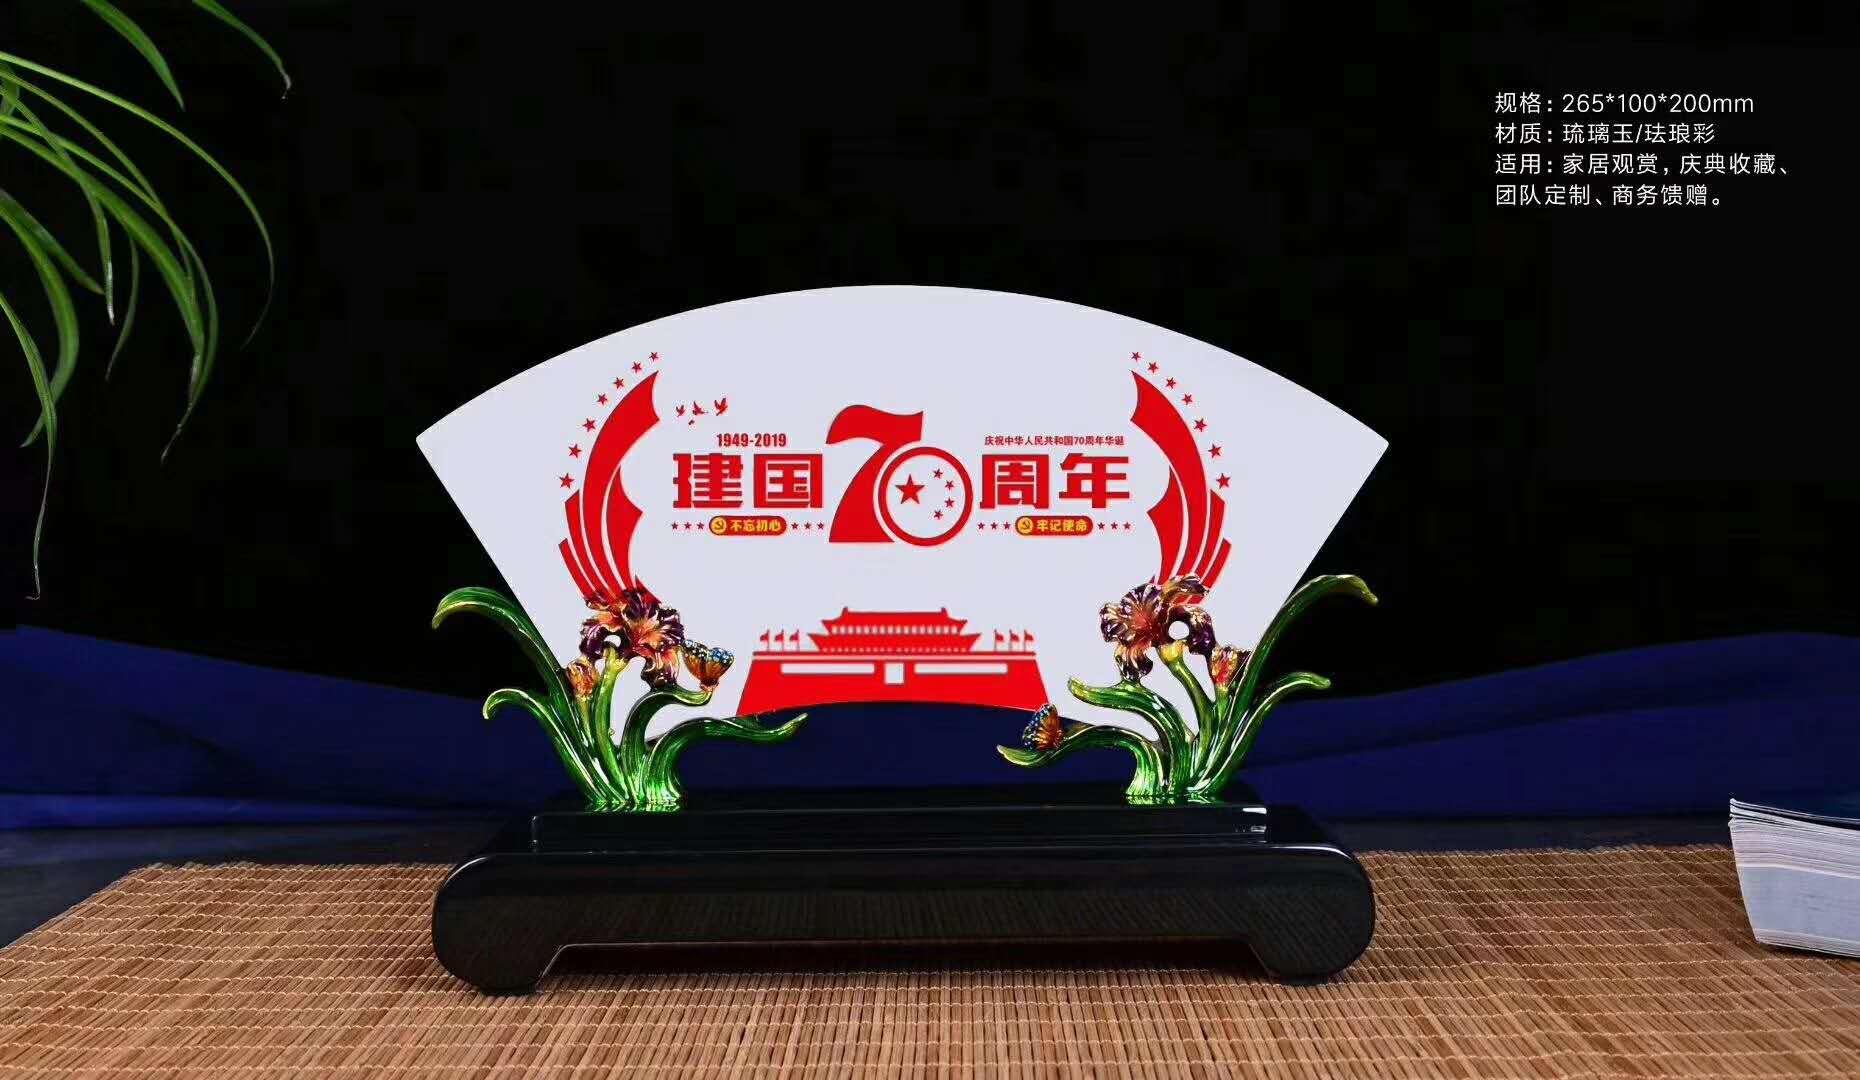 祖国70周年华诞奖杯定制,鑫劲达备受追捧